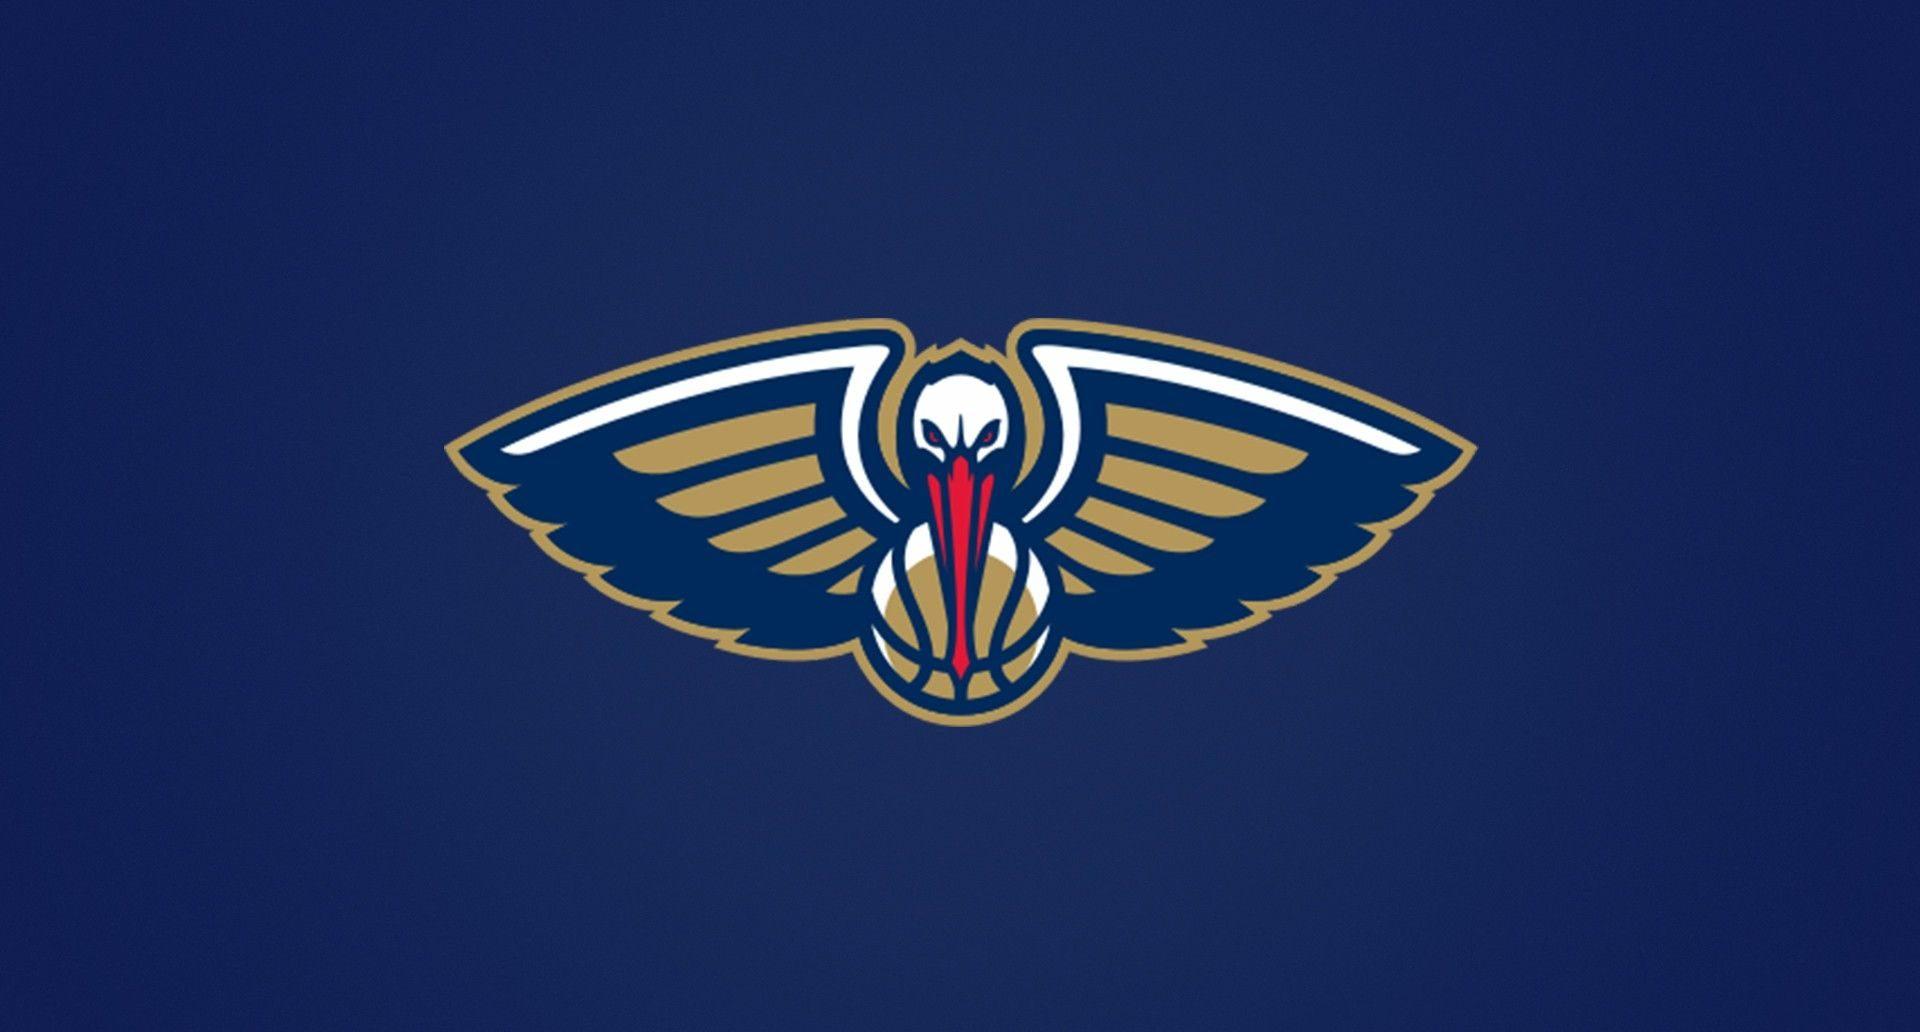 Il logo dei Pelicans